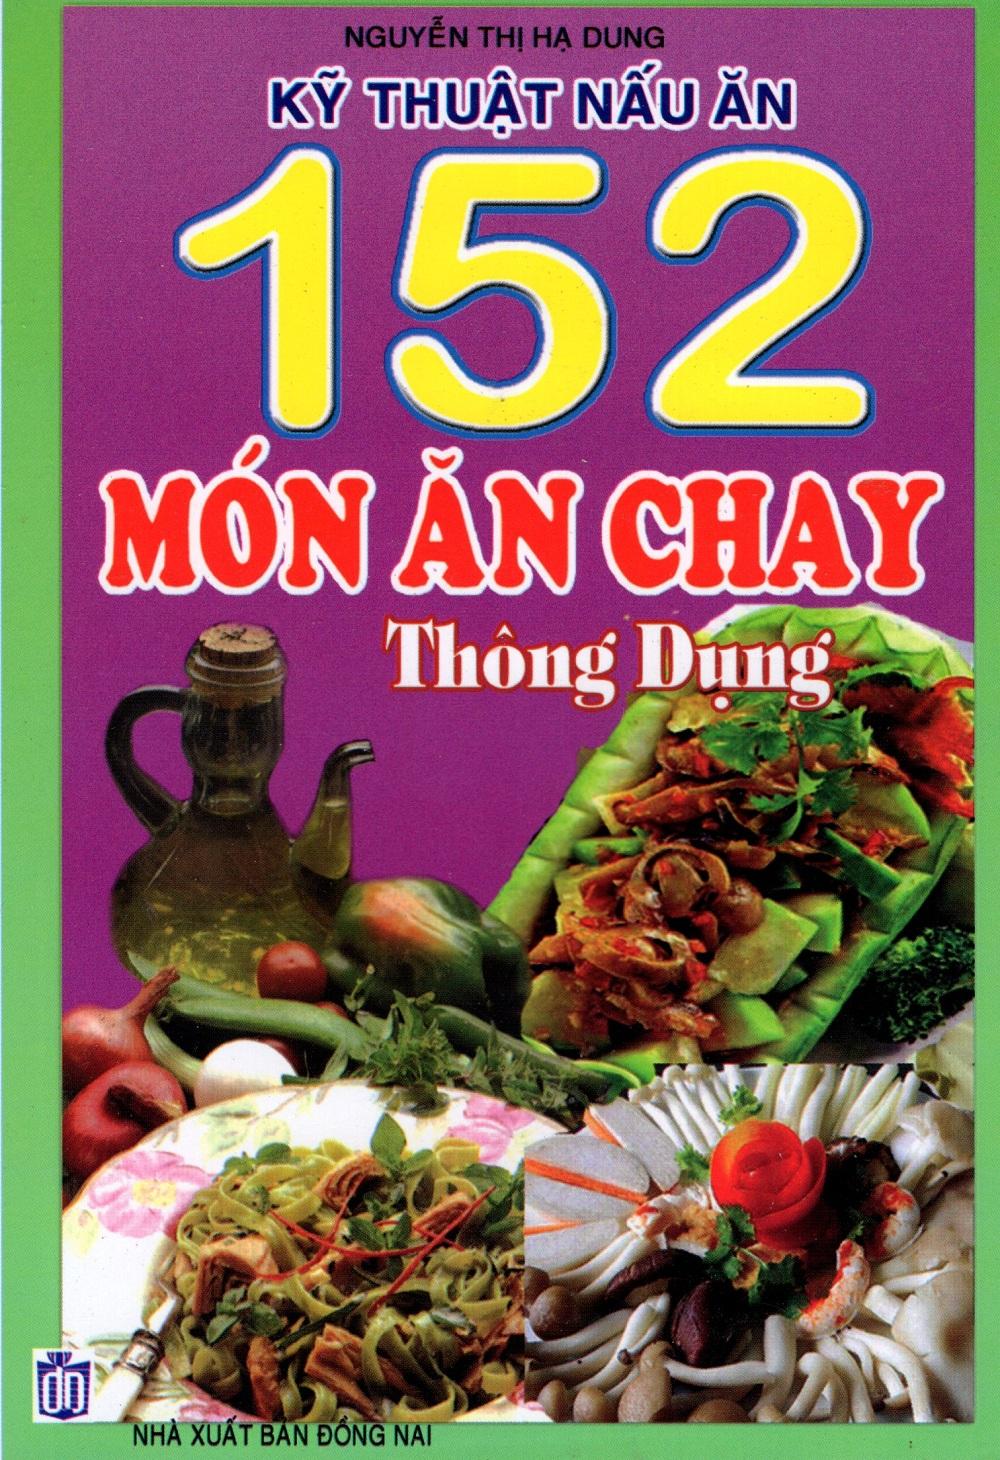 Kỹ Thuật Nấu Ăn 152 Món Ăn Chay Thông Dụng - 2570198253871,62_585431,27000,tiki.vn,Ky-Thuat-Nau-An-152-Mon-An-Chay-Thong-Dung-62_585431,Kỹ Thuật Nấu Ăn 152 Món Ăn Chay Thông Dụng